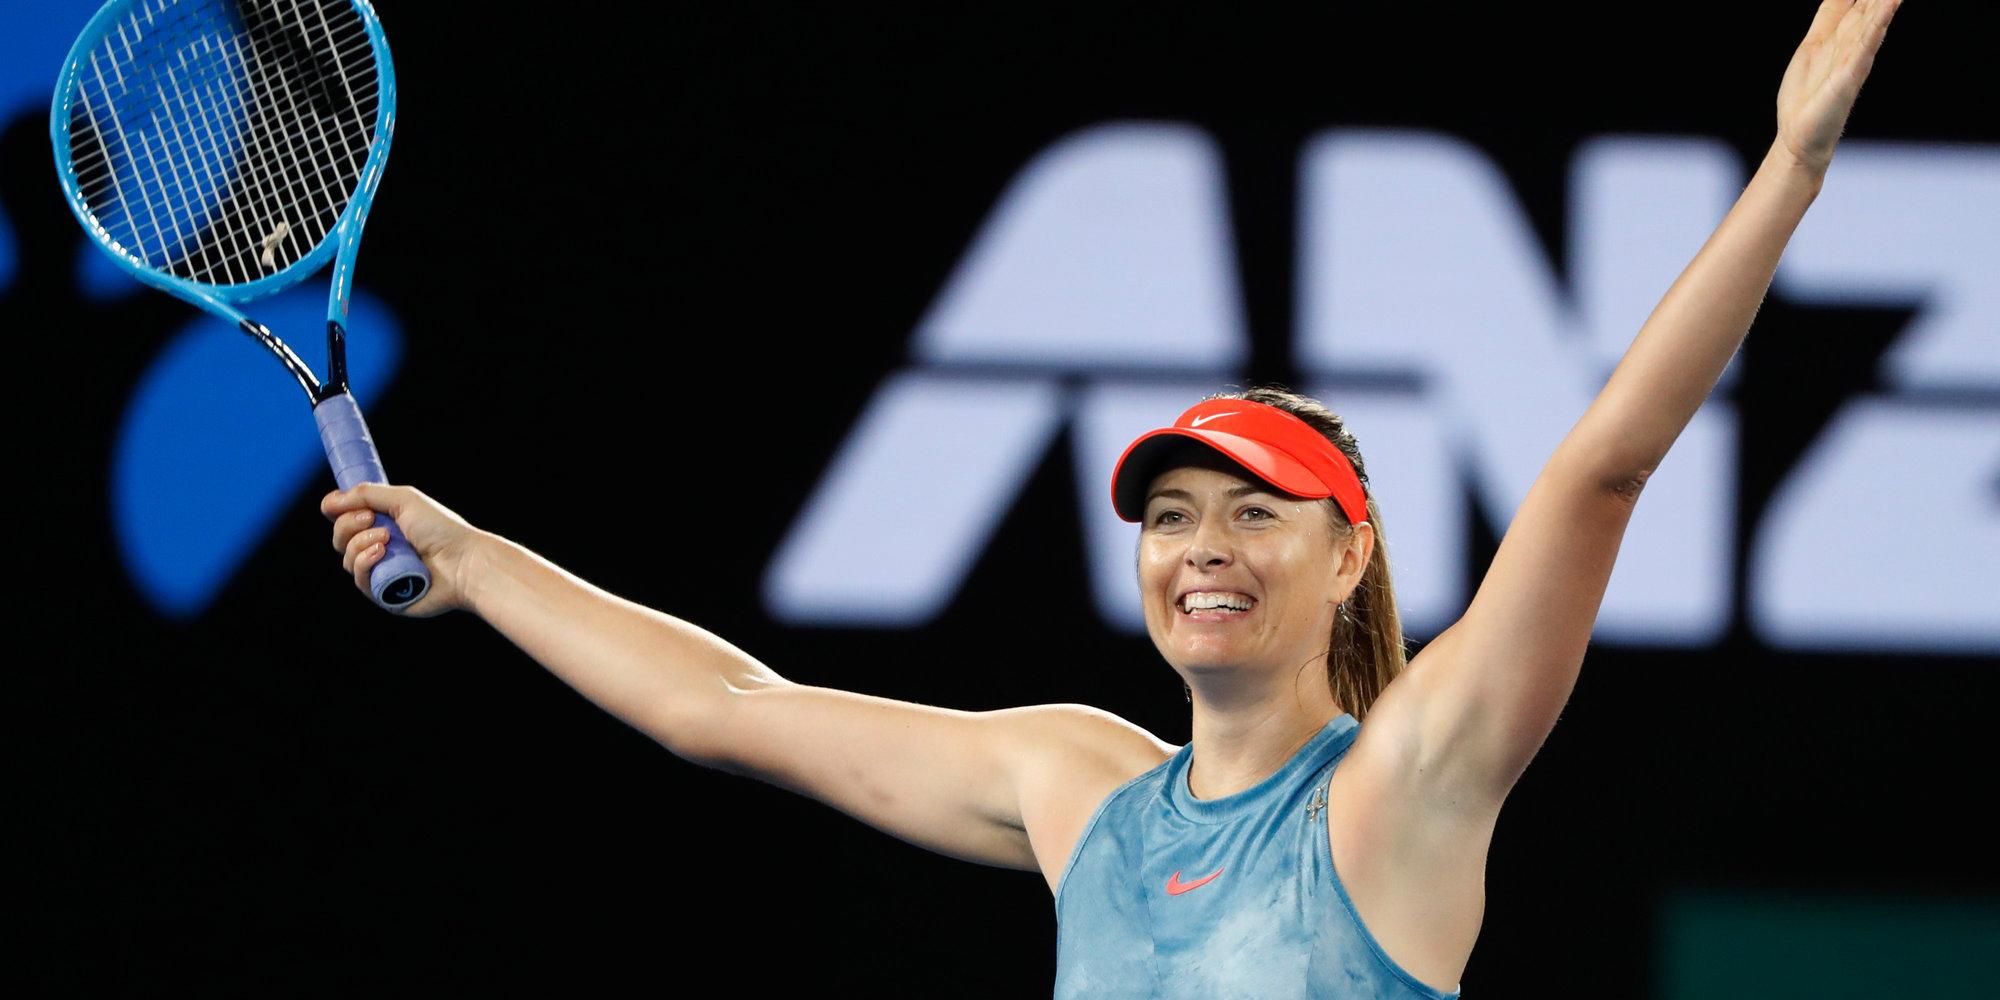 Шарапова выставила на аукцион свою ракетку, чтобы помочь организации «Врачи без границ»